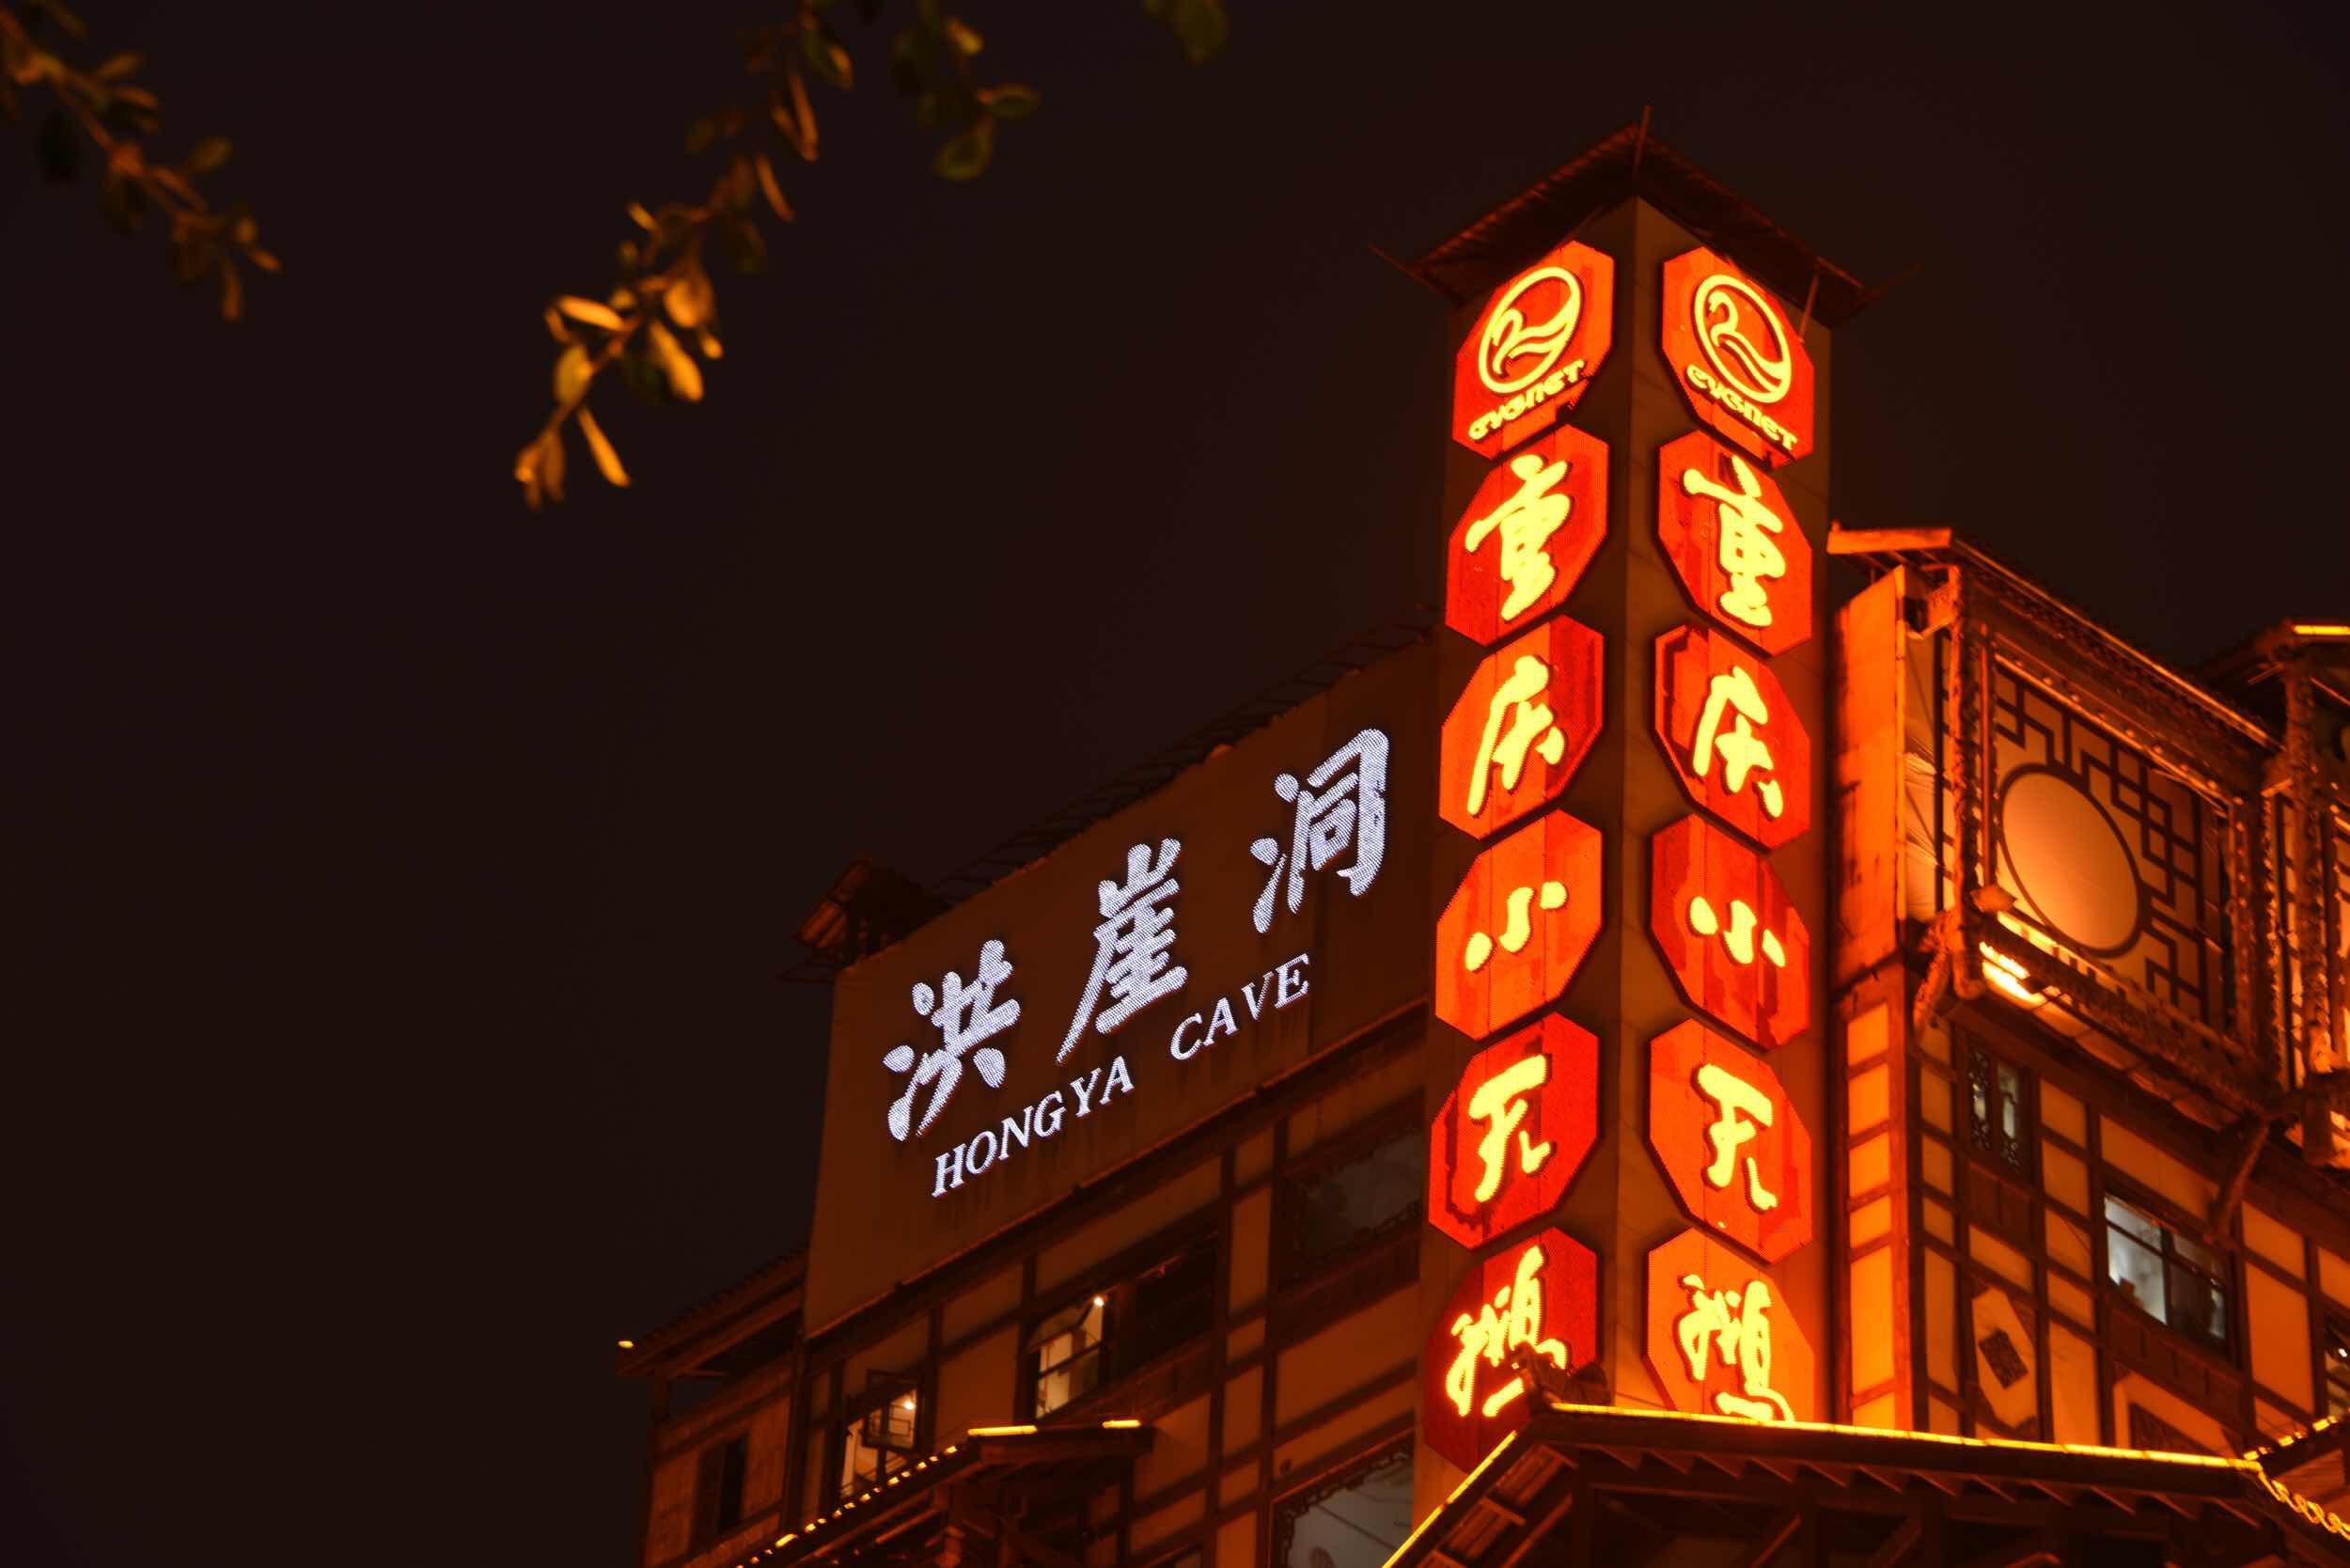 重庆、武隆仙女山、乌江画廊、酉阳桃花源深度双飞6日游